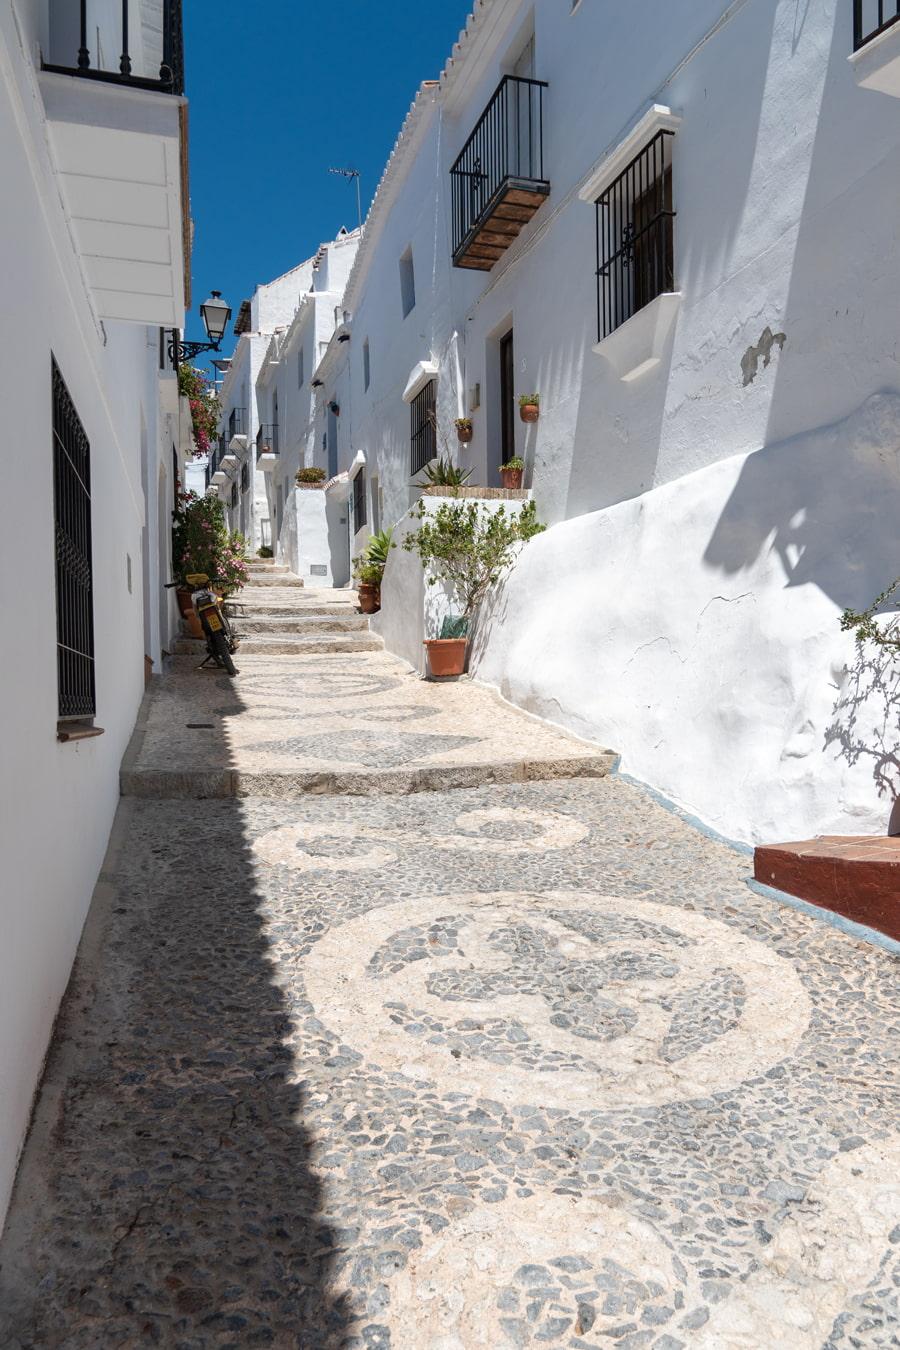 Quite street in Spain